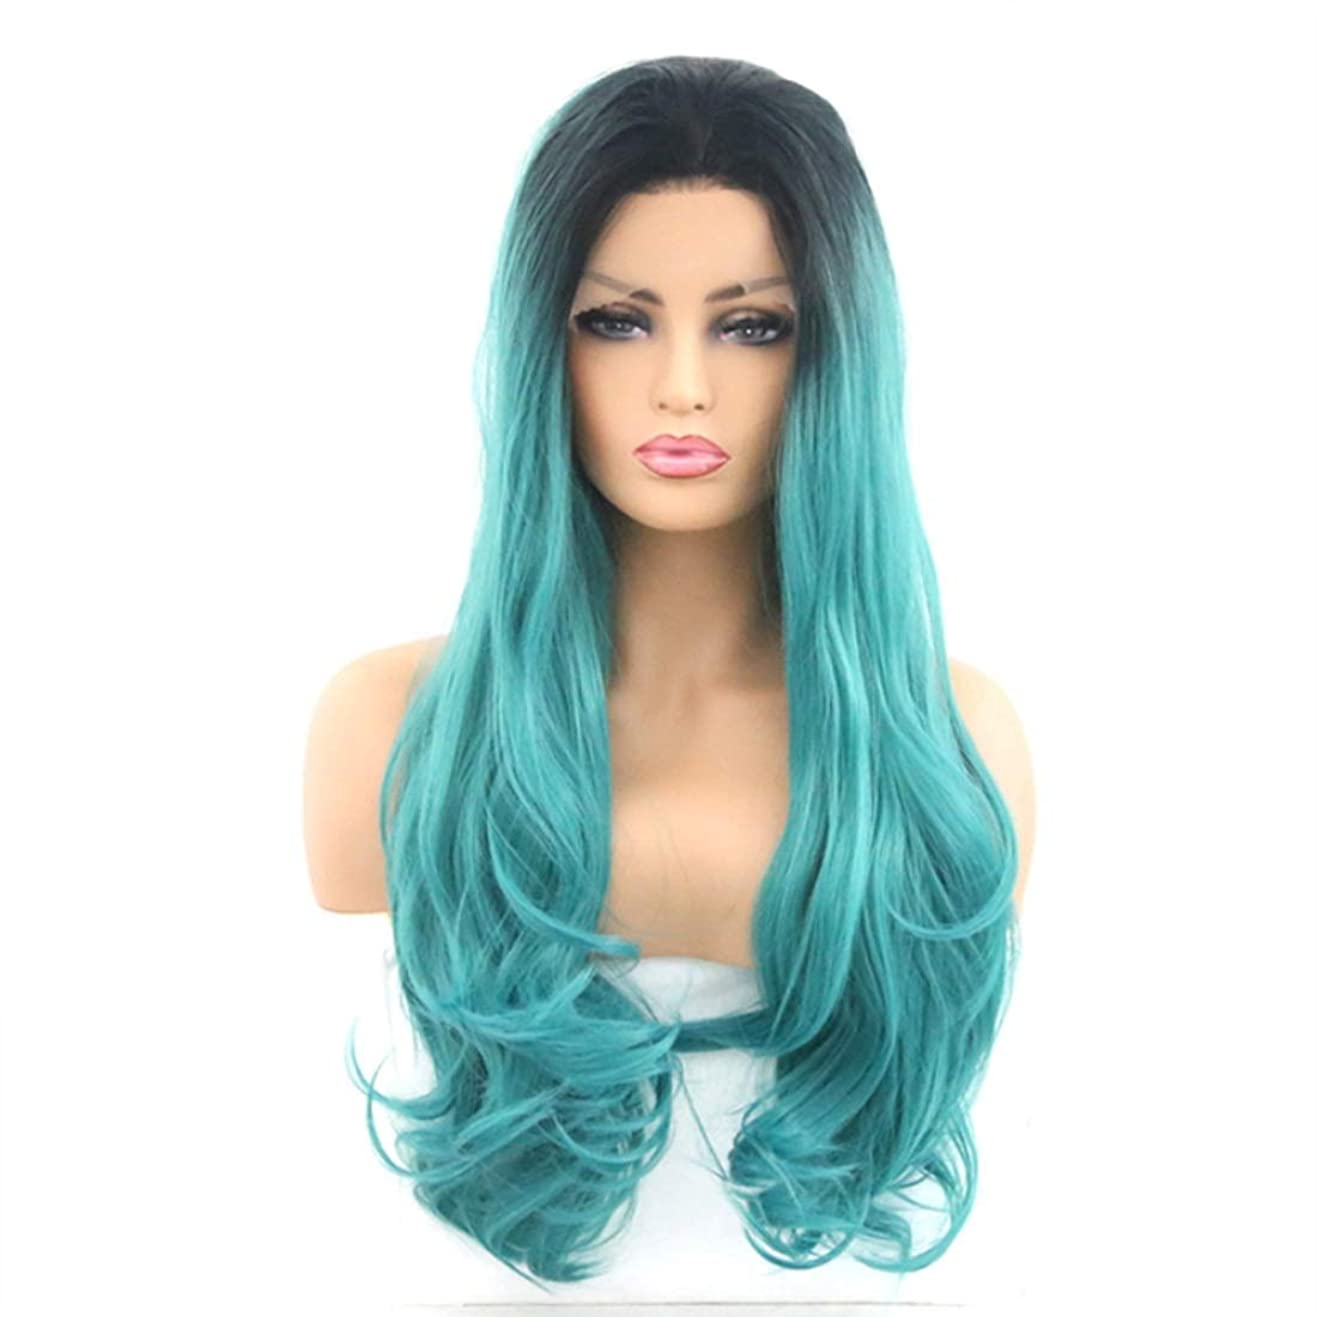 香り夕方症候群Summerys 女性のためのフロントレースかつら、長い巻き毛、大きな波、巻き毛、化学繊維かつら (Size : 16inch)